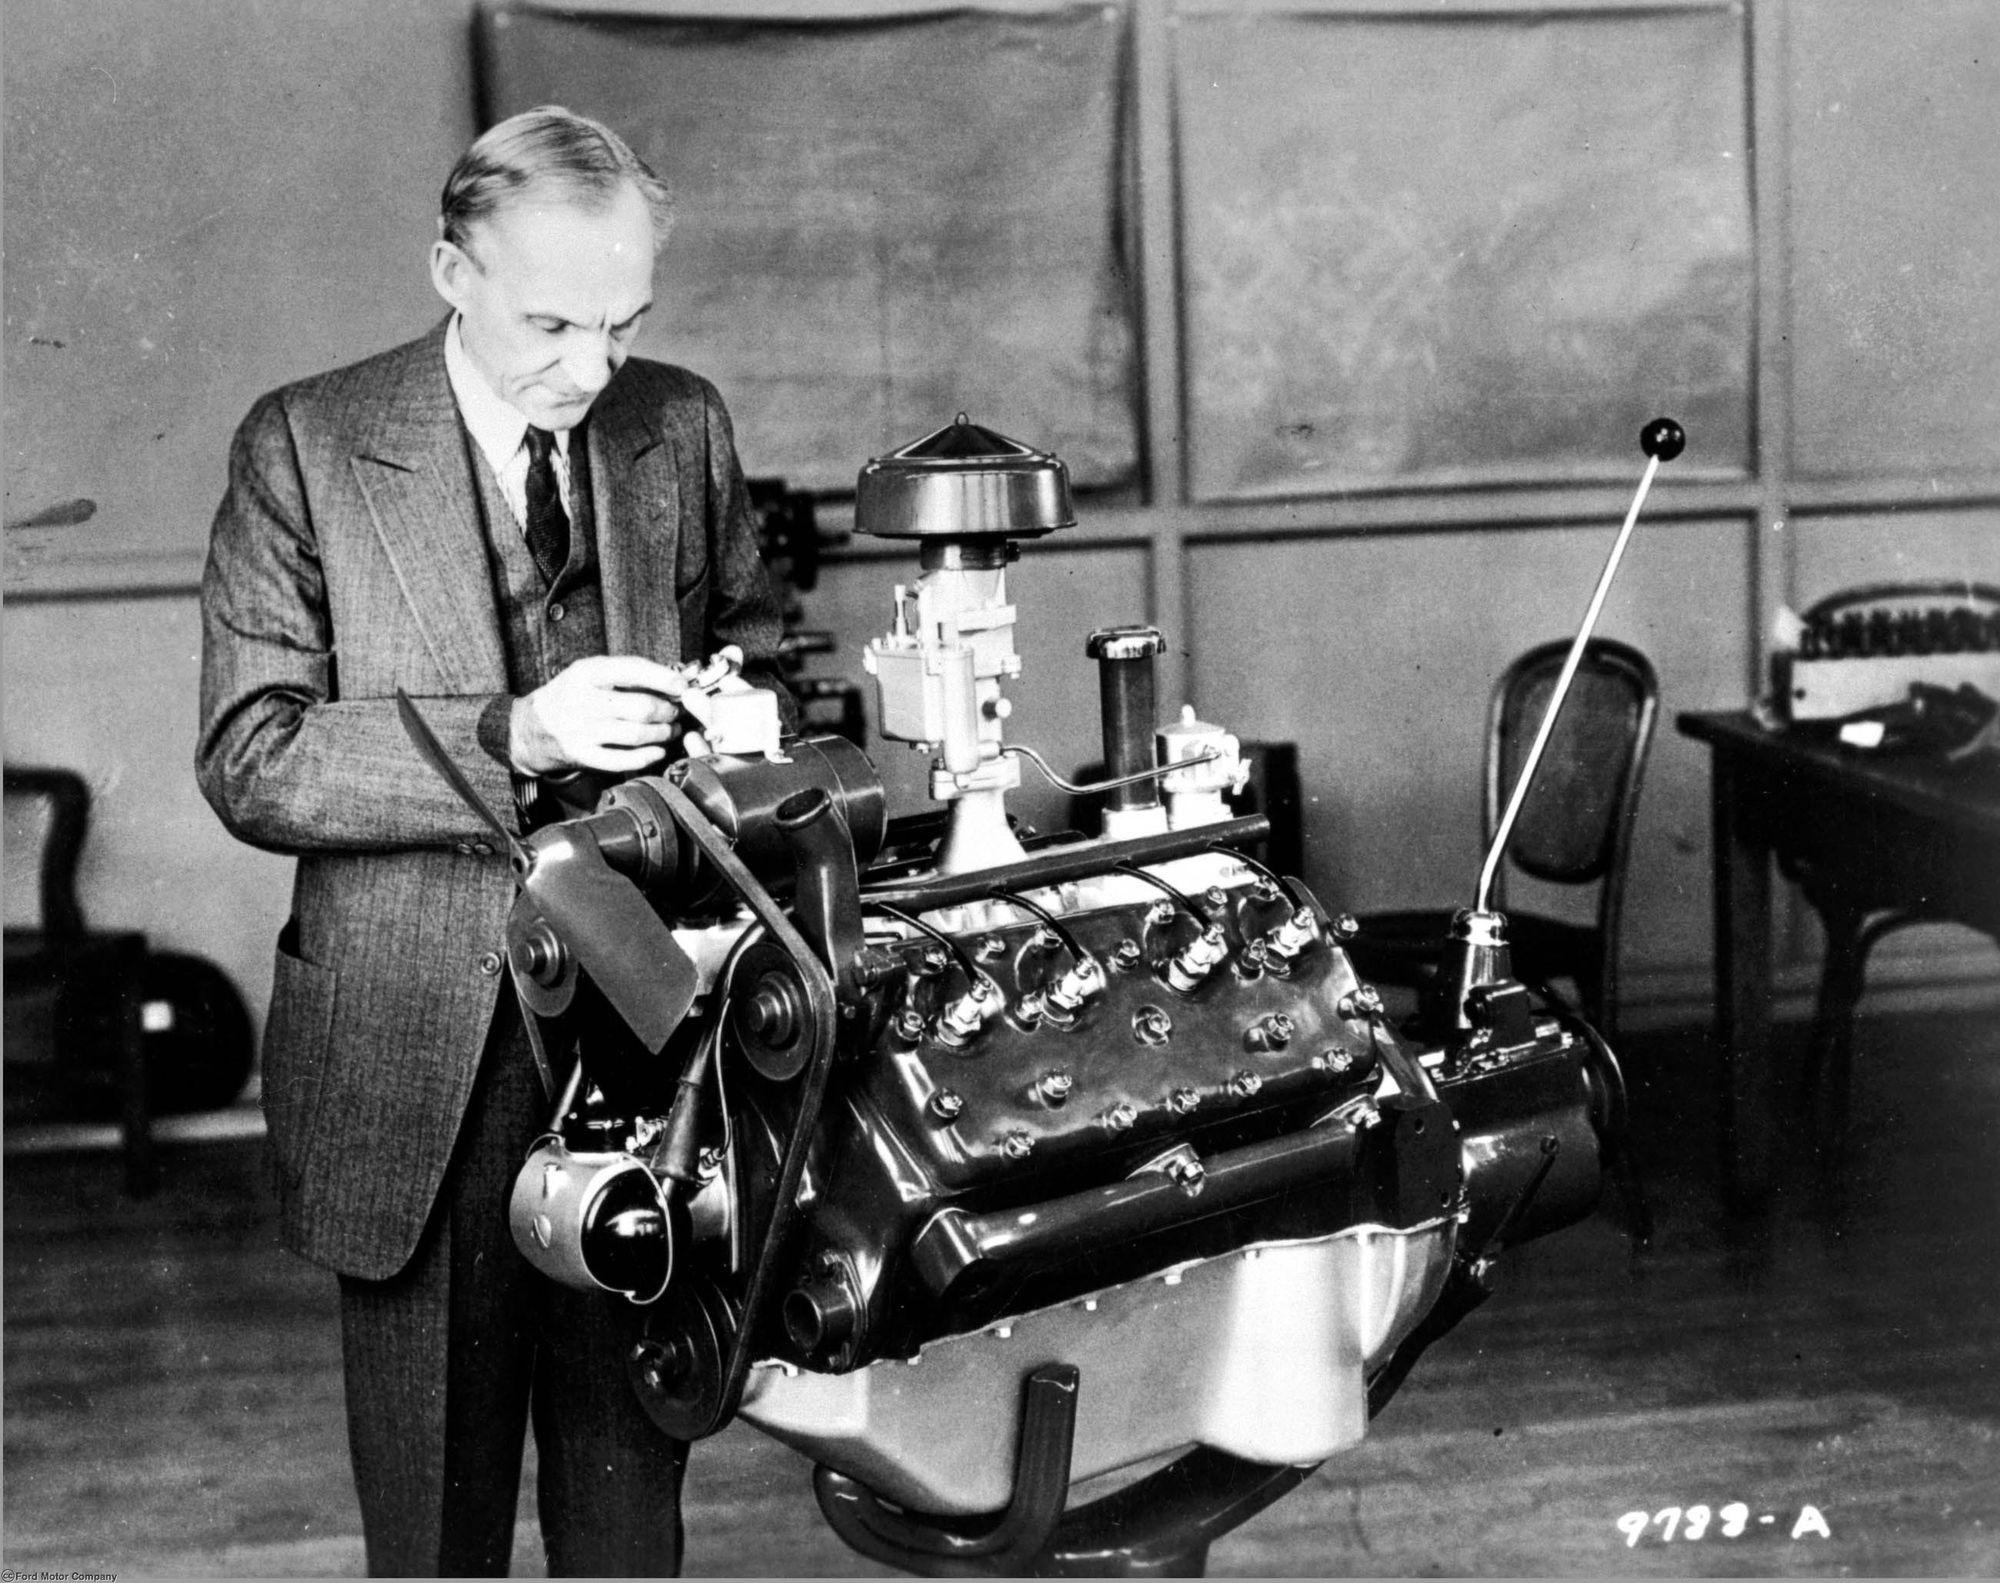 پدر تولید انبوه/ رکورد تولید خودروسازان وطنی برابر با تولید 90 سال پیش کارخانه فورد